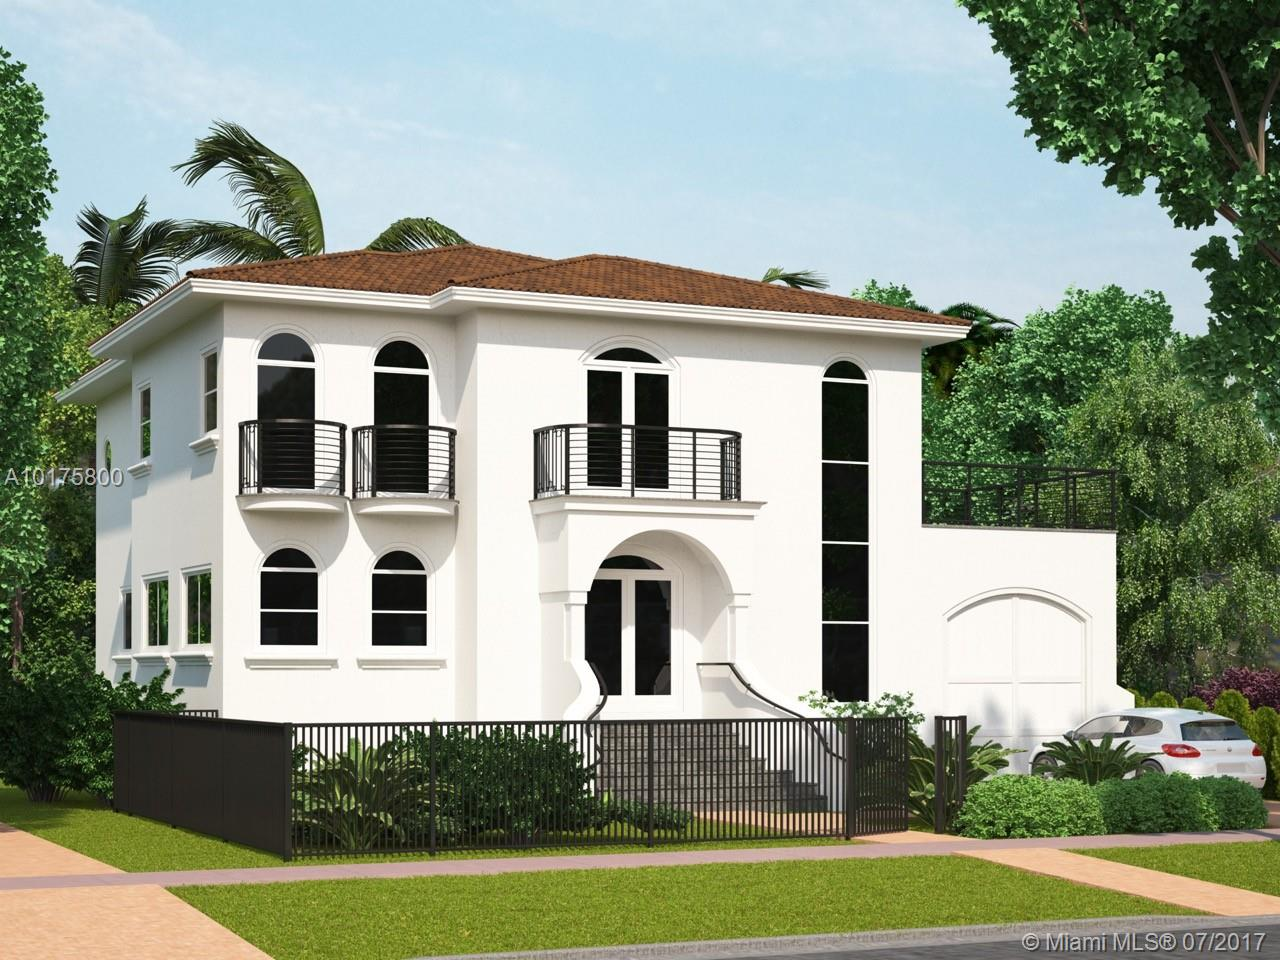 Acheter maison usa acheter une maison en californie for Achat maison miami